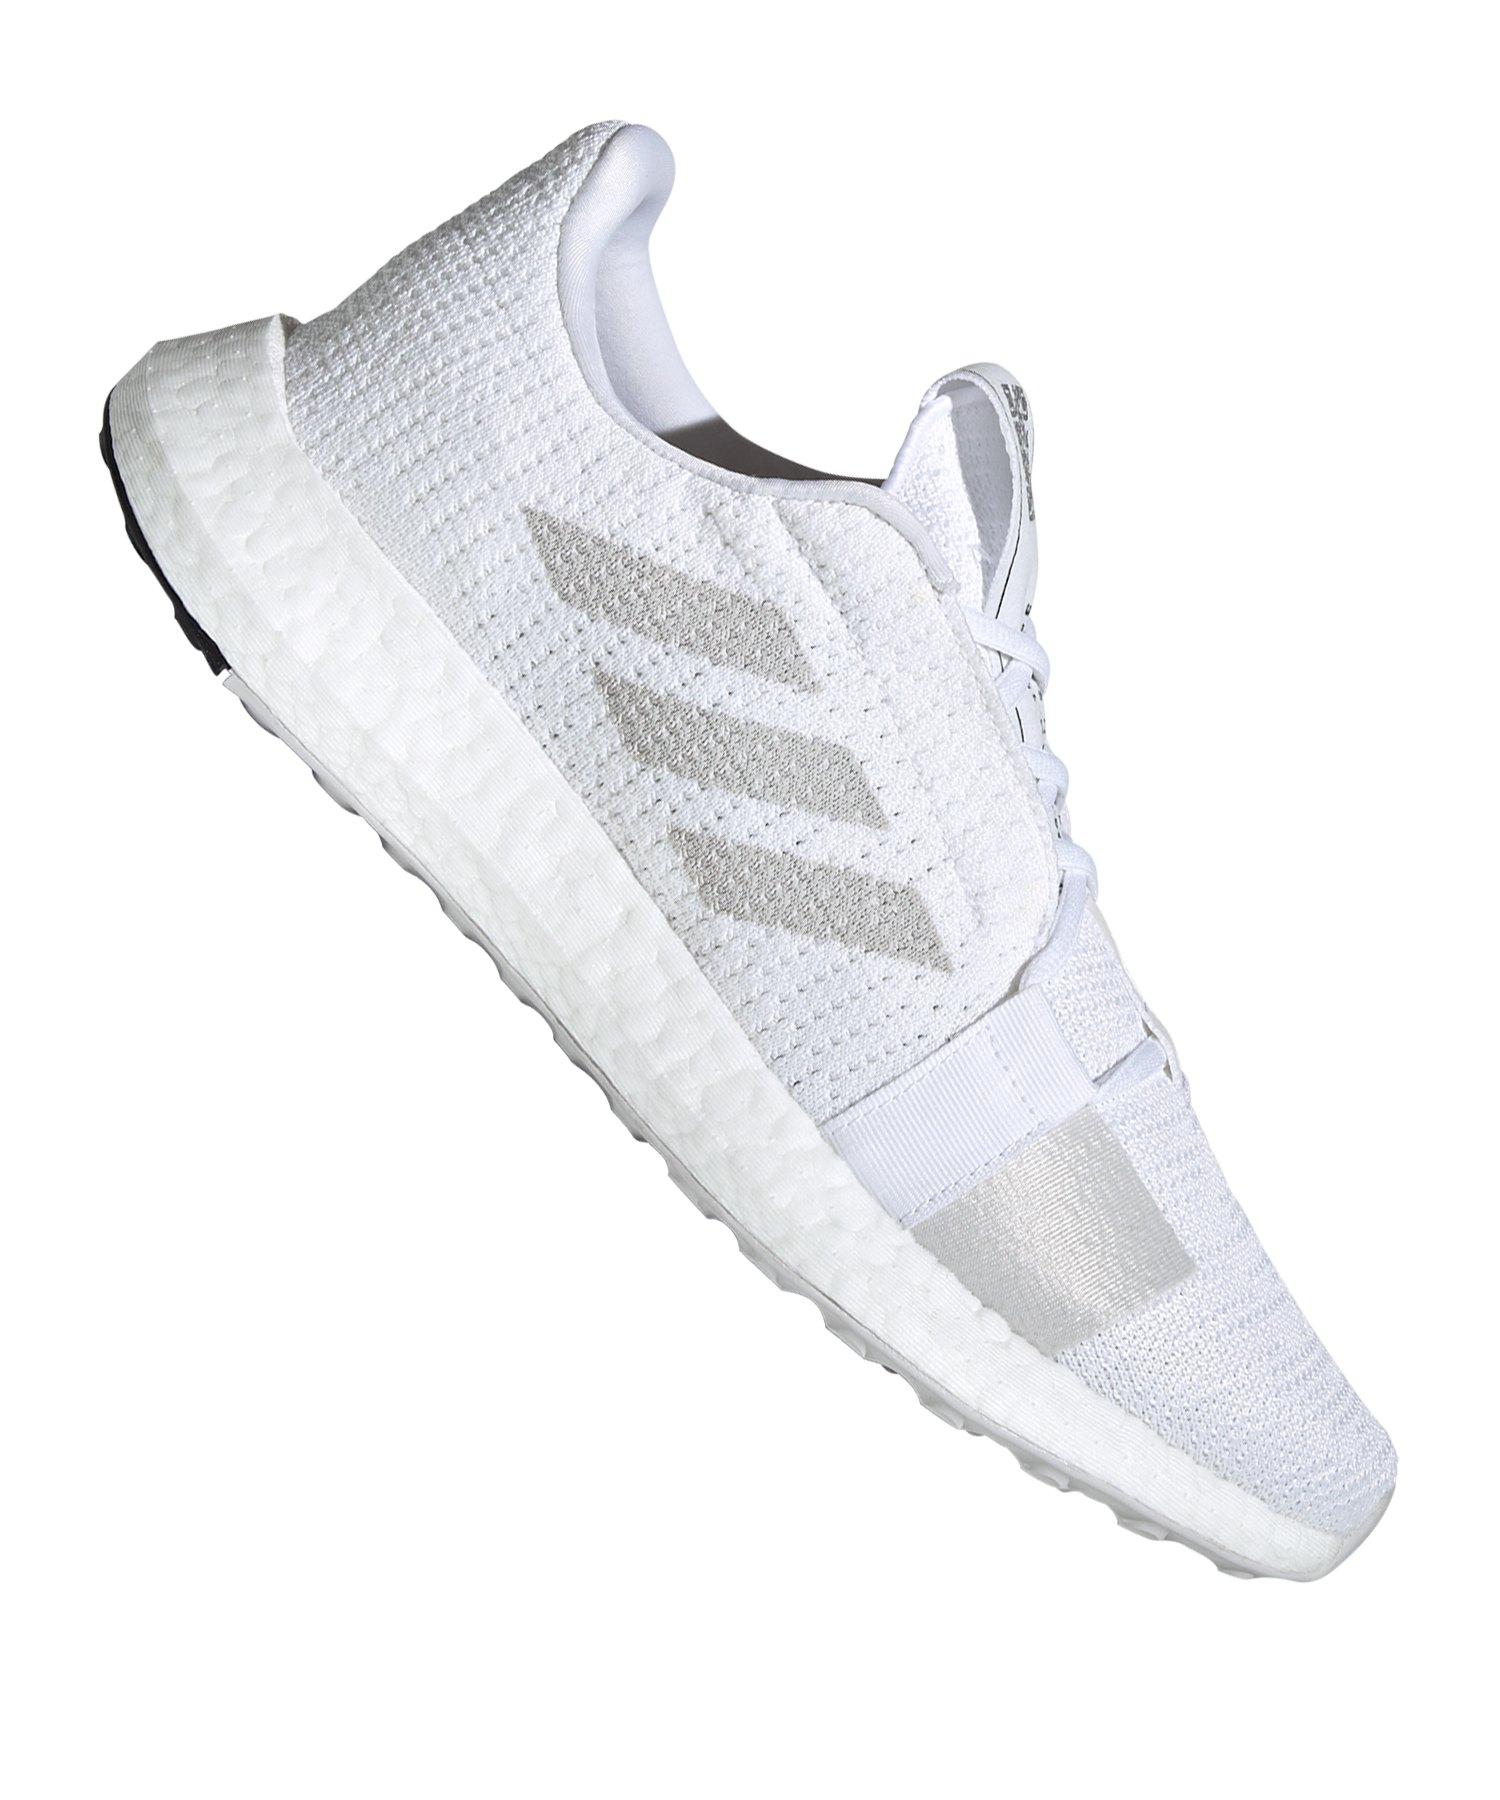 adidas schnäppchen, adidas Performance BOOST kurze